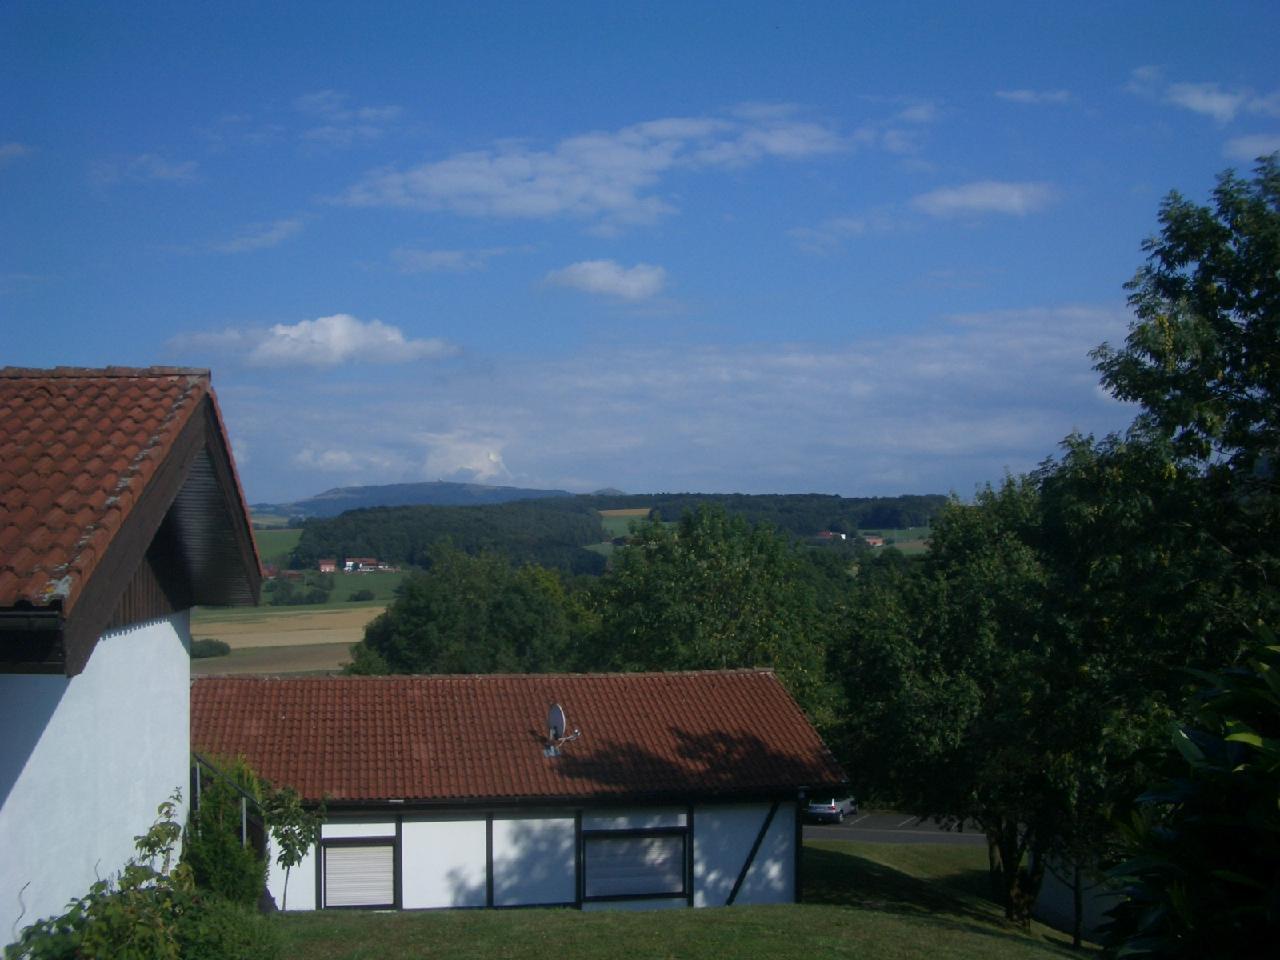 Ferienhaus Bungalow 6 neu renoviert für 4-6 Personen in der Rhön Residence Bungalows (757461), Dipperz, Rhön (Hessen), Hessen, Deutschland, Bild 26